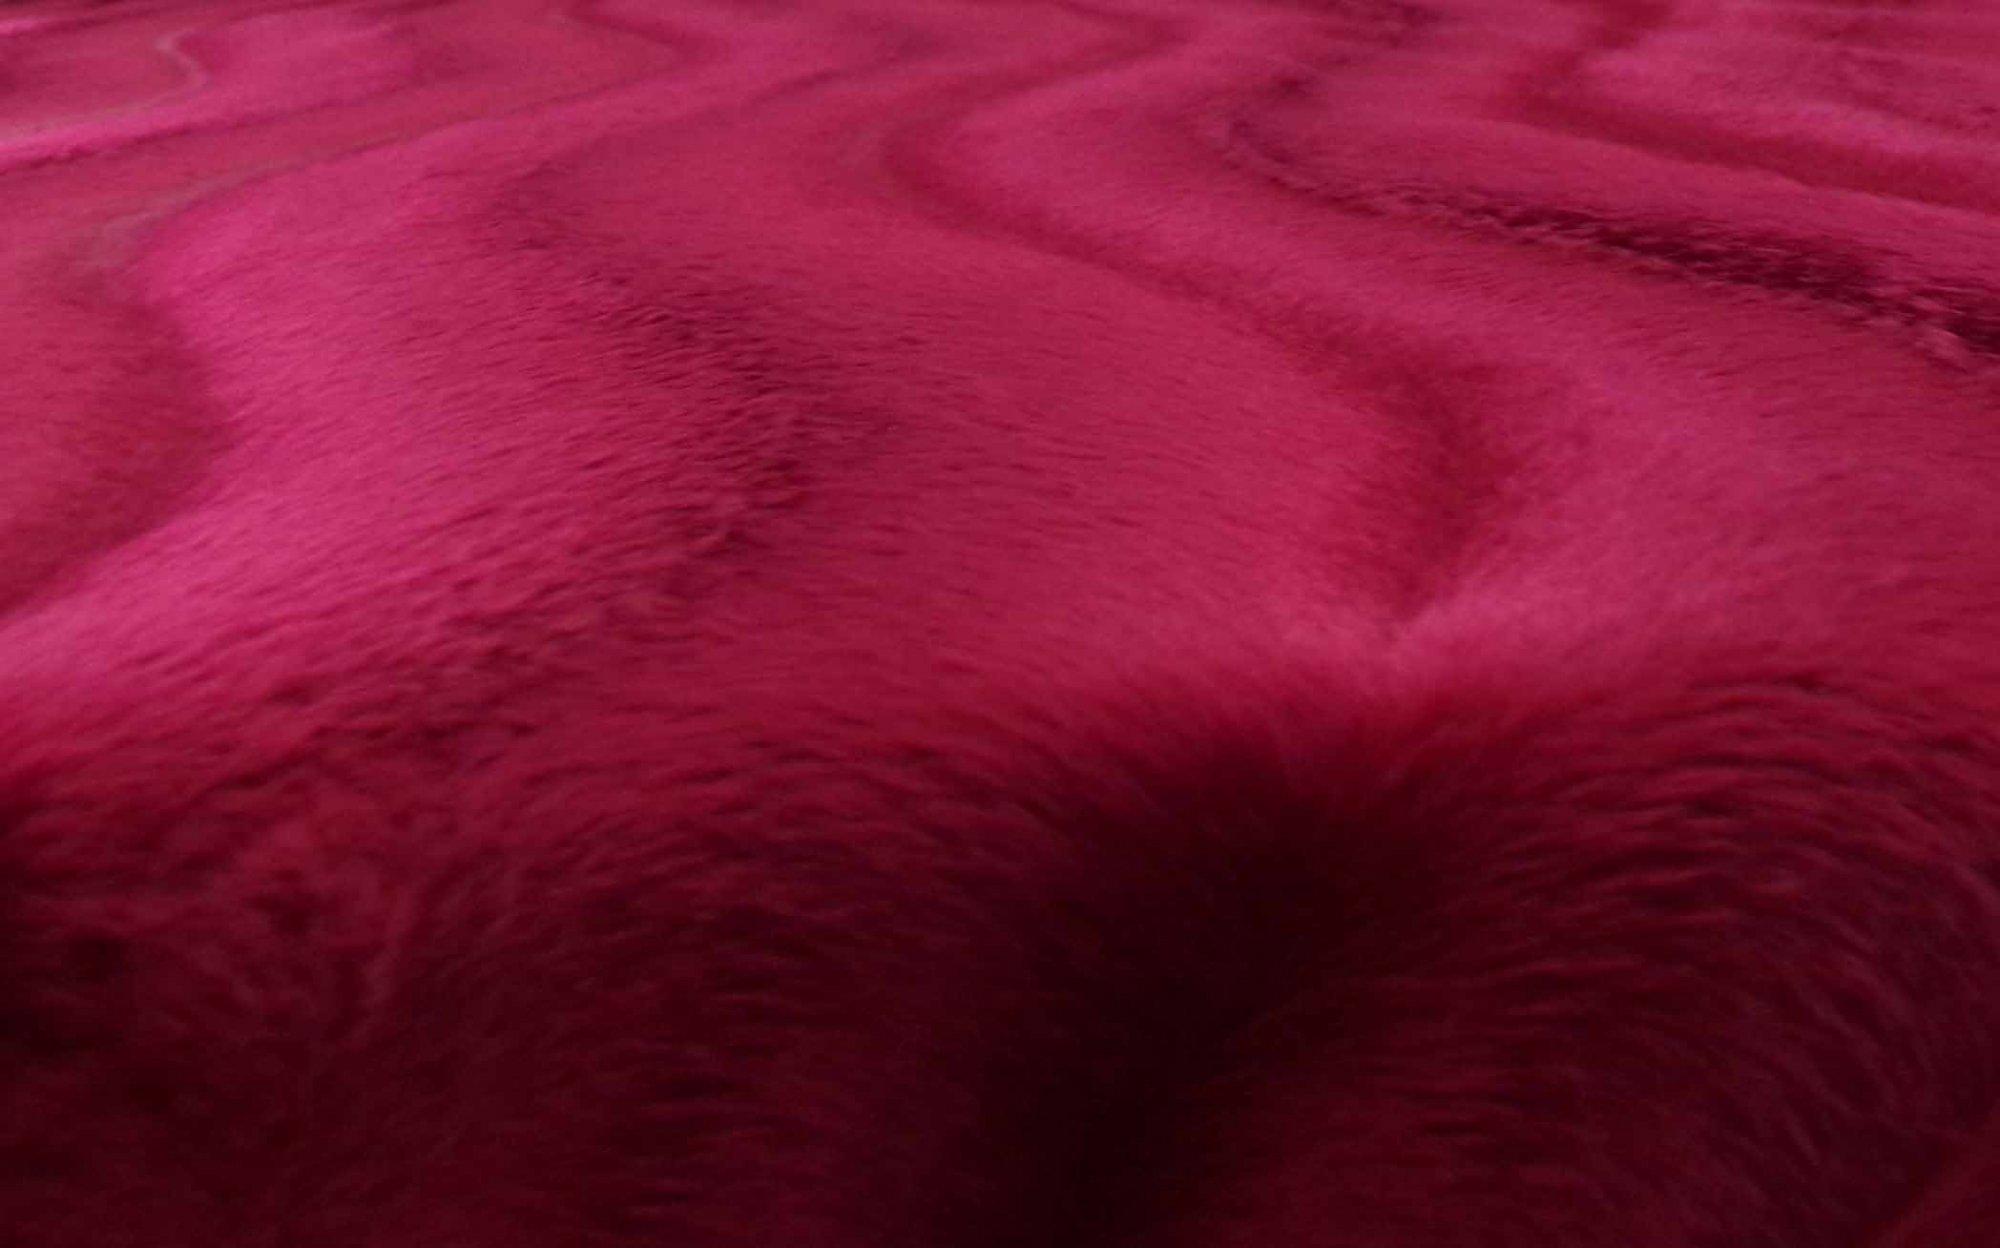 Maroon Faux Fur Sweater Knit